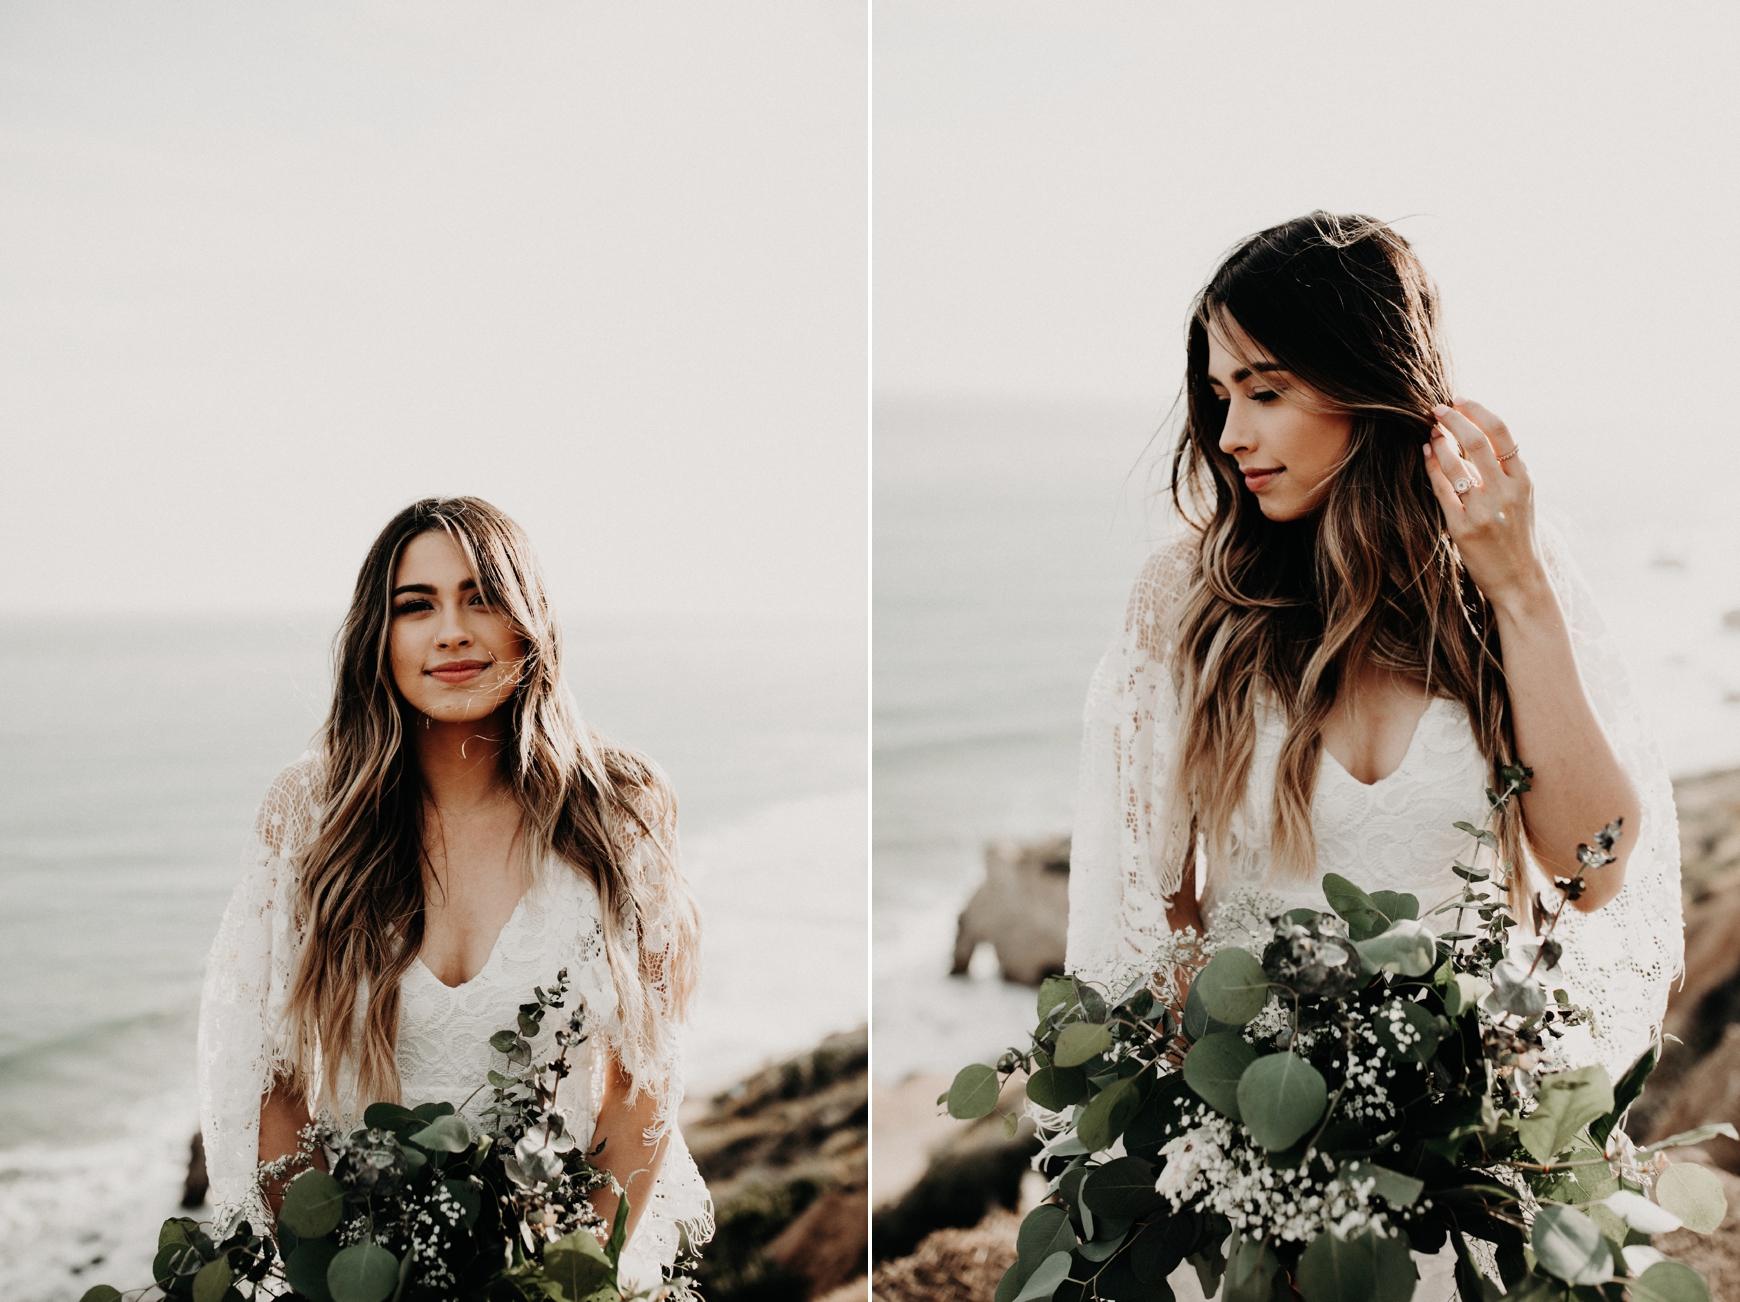 El Matador Beach Bridal Portraits Justellen & TJ Emily Magers Photography-90Emily Magers Photography.jpg